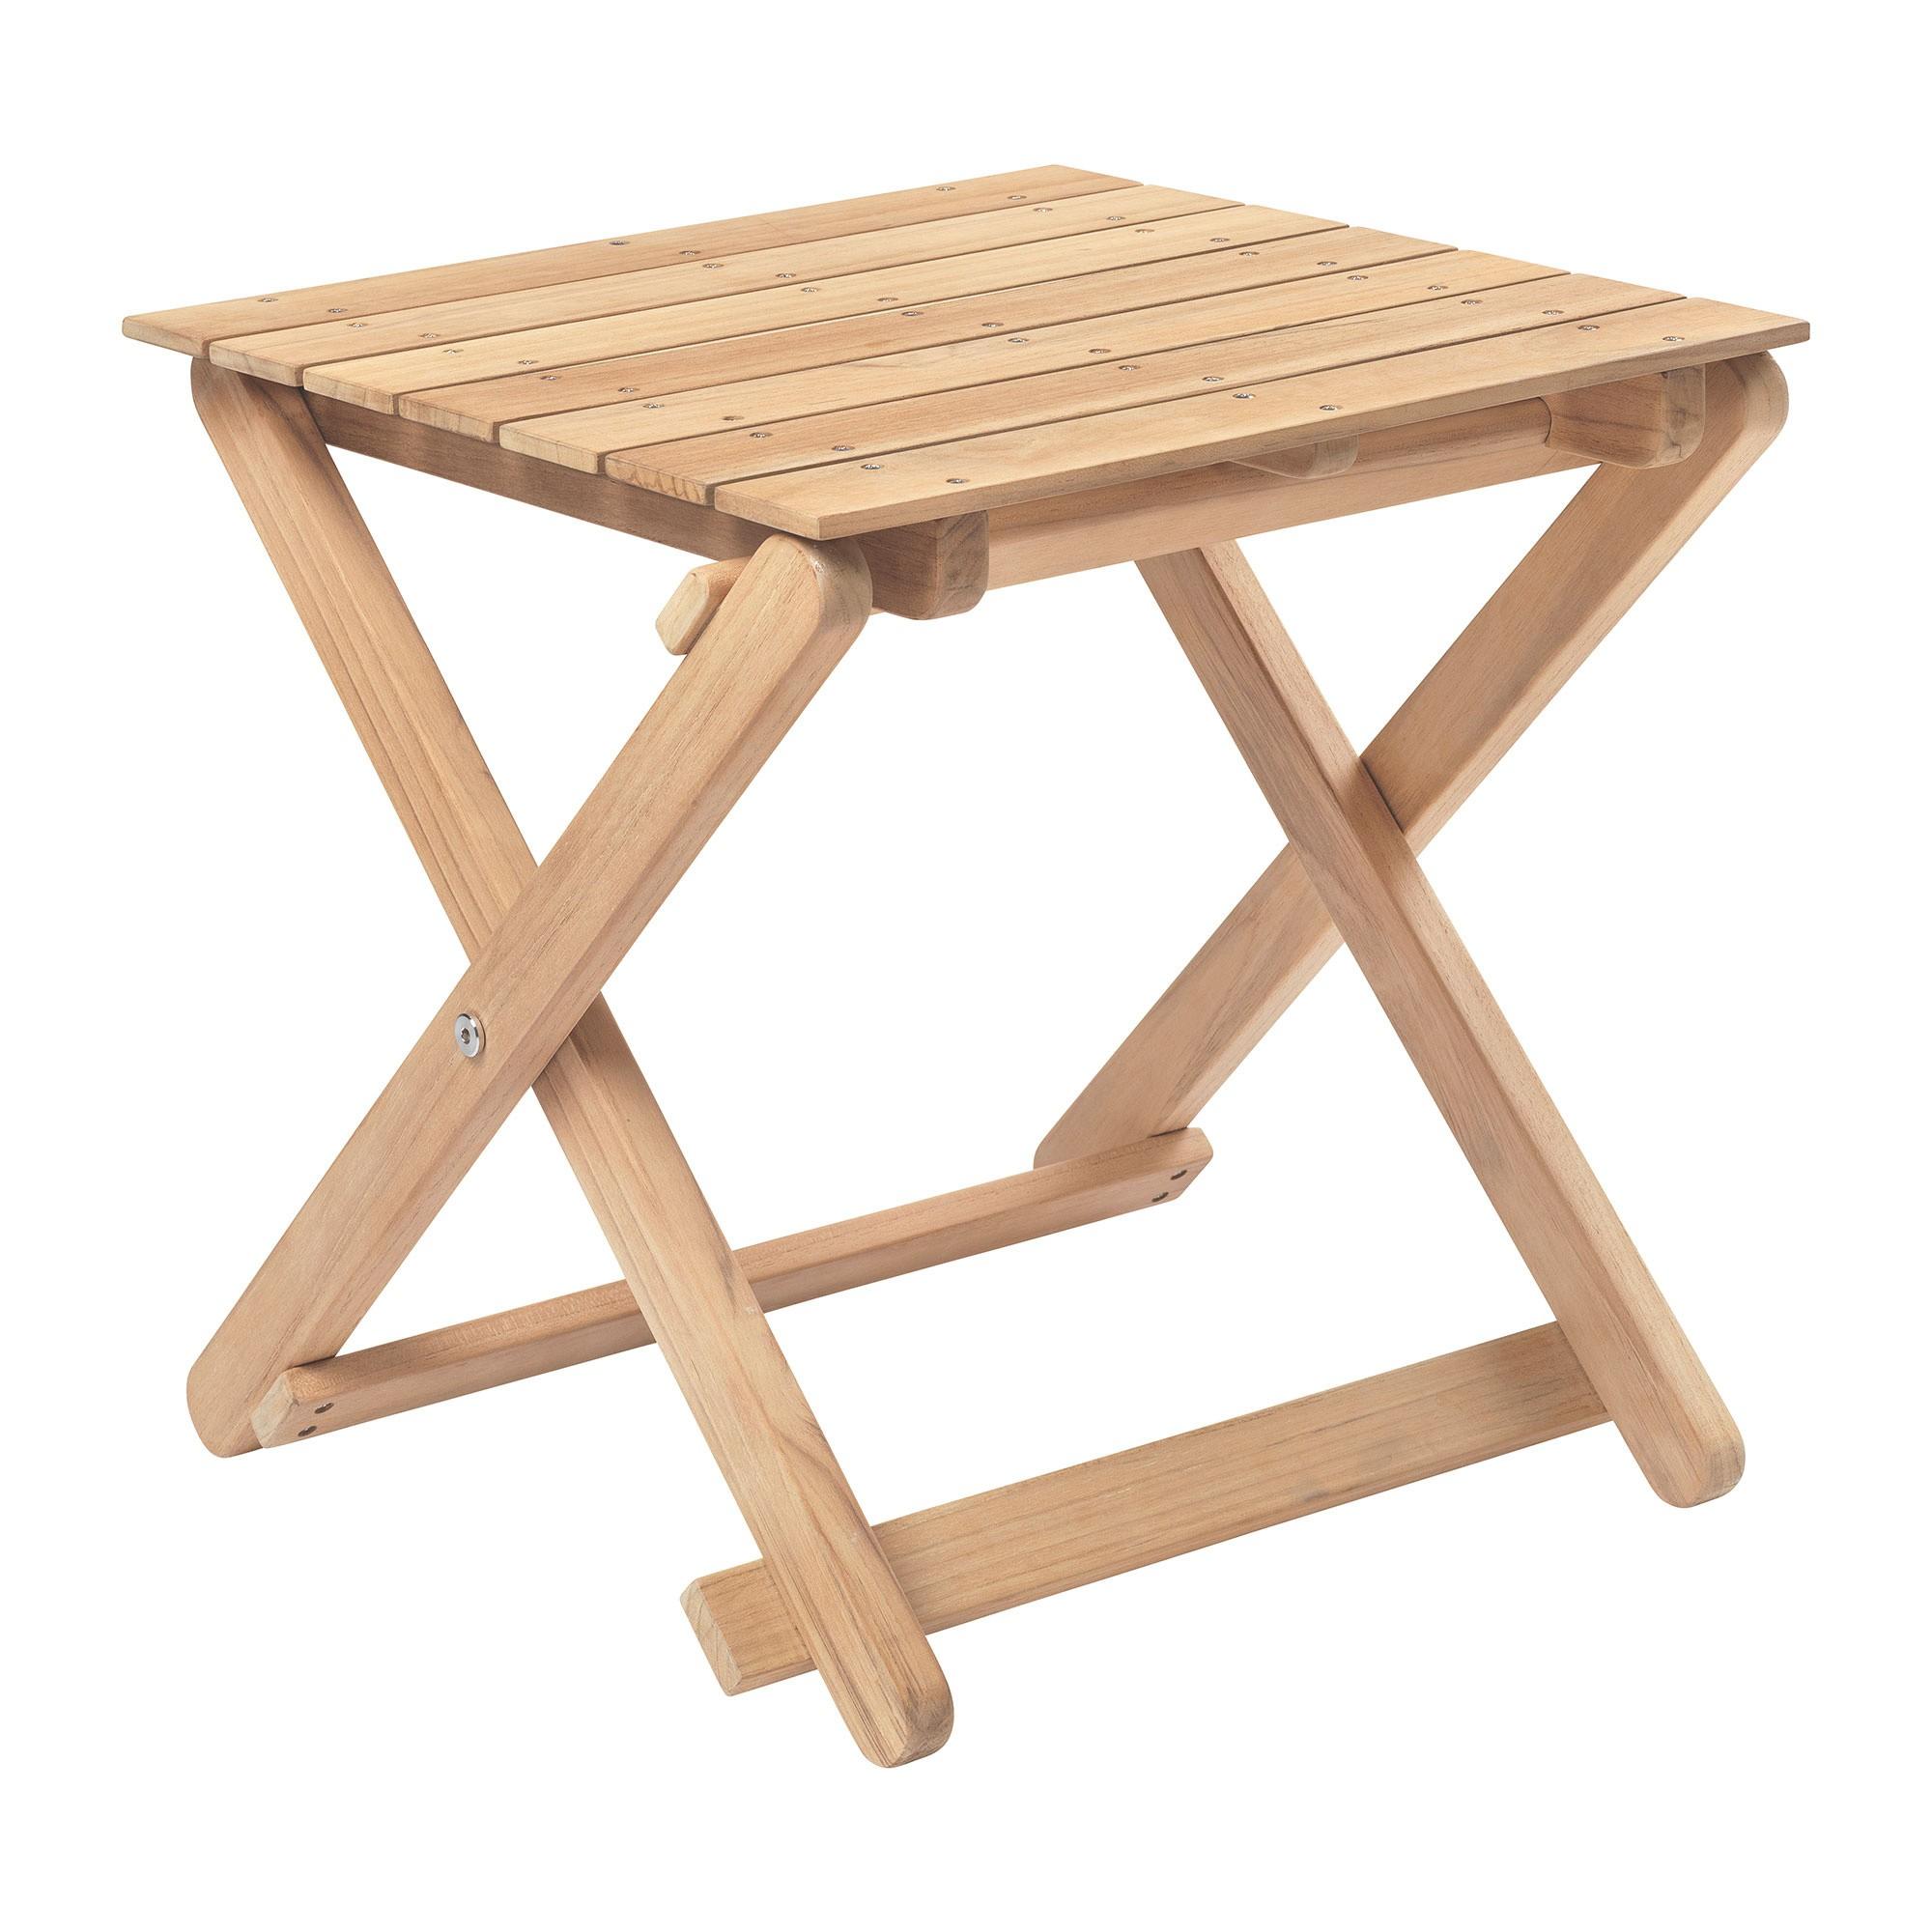 BM9 Garden Side Table Foldable